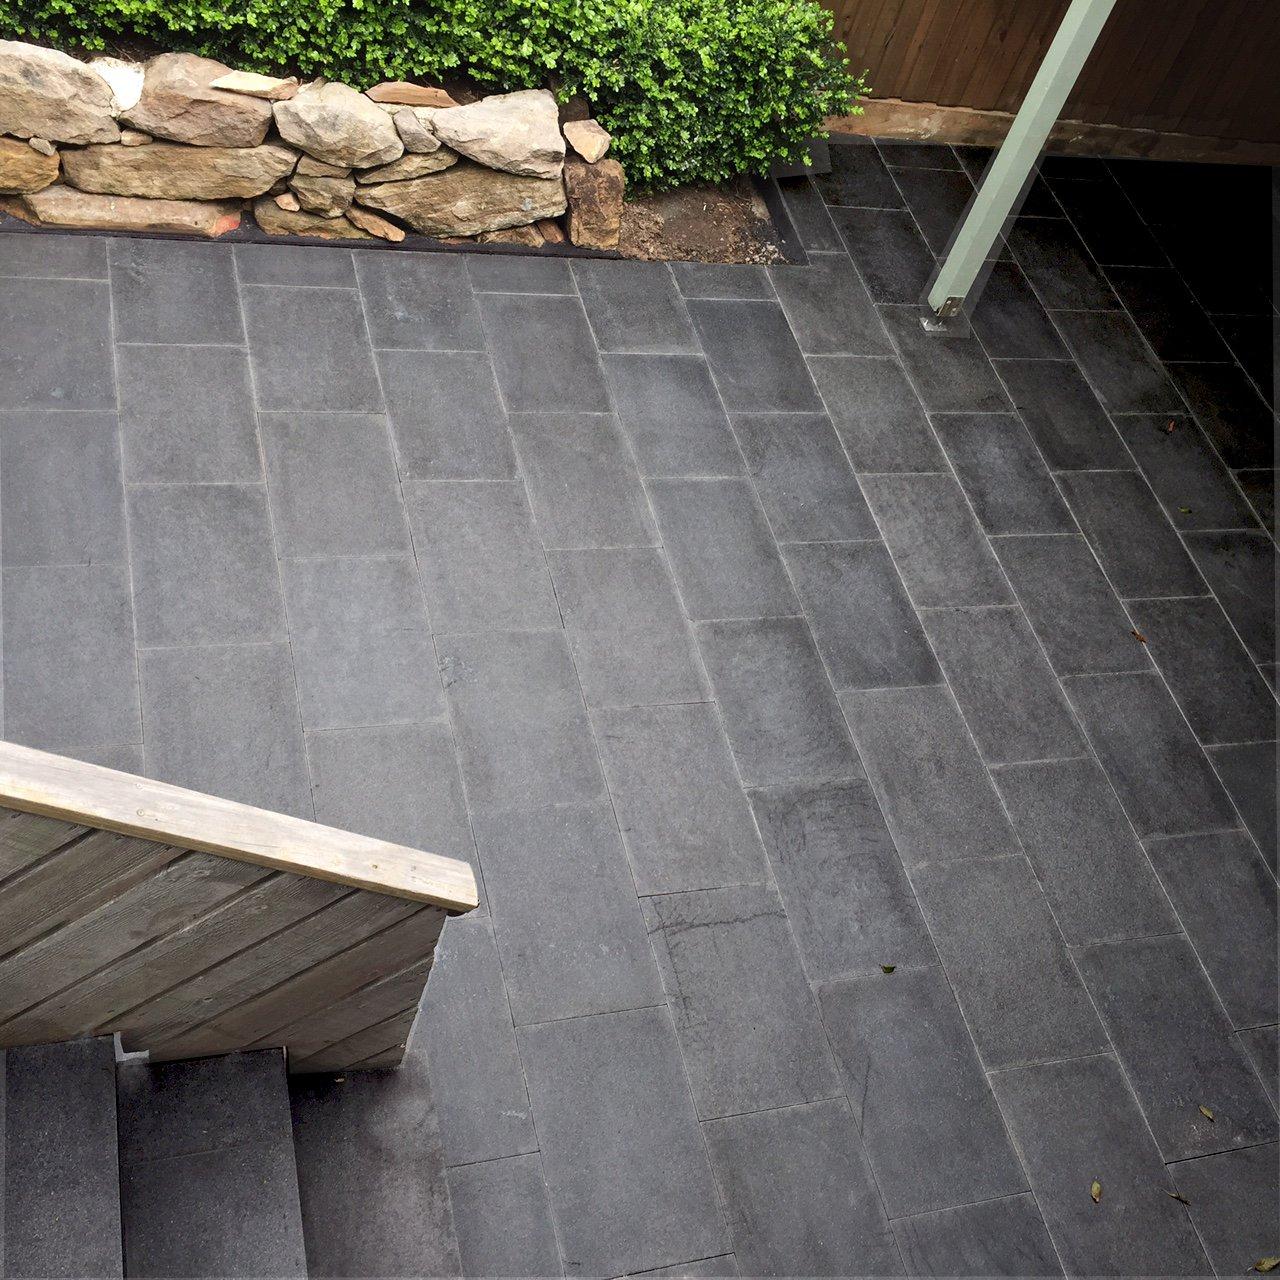 granite tiles and pavers